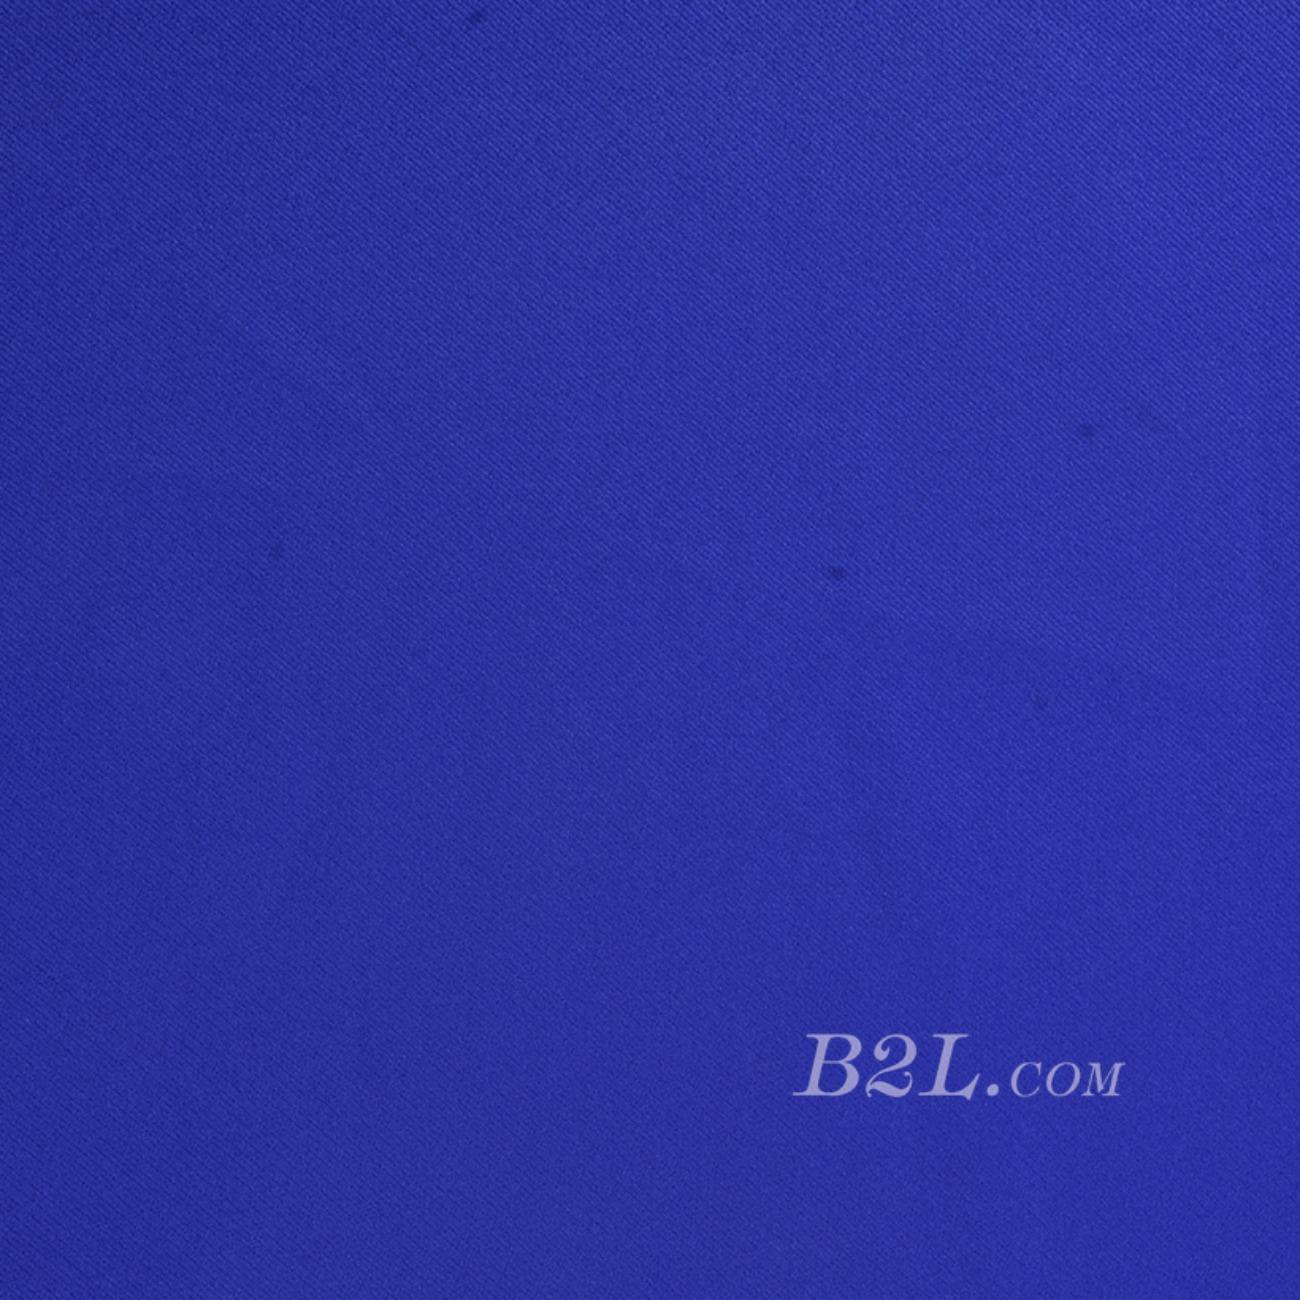 斜纹梭织素色染色连衣裙 短裙 衬衫 低弹 春 秋 柔软 70823-15